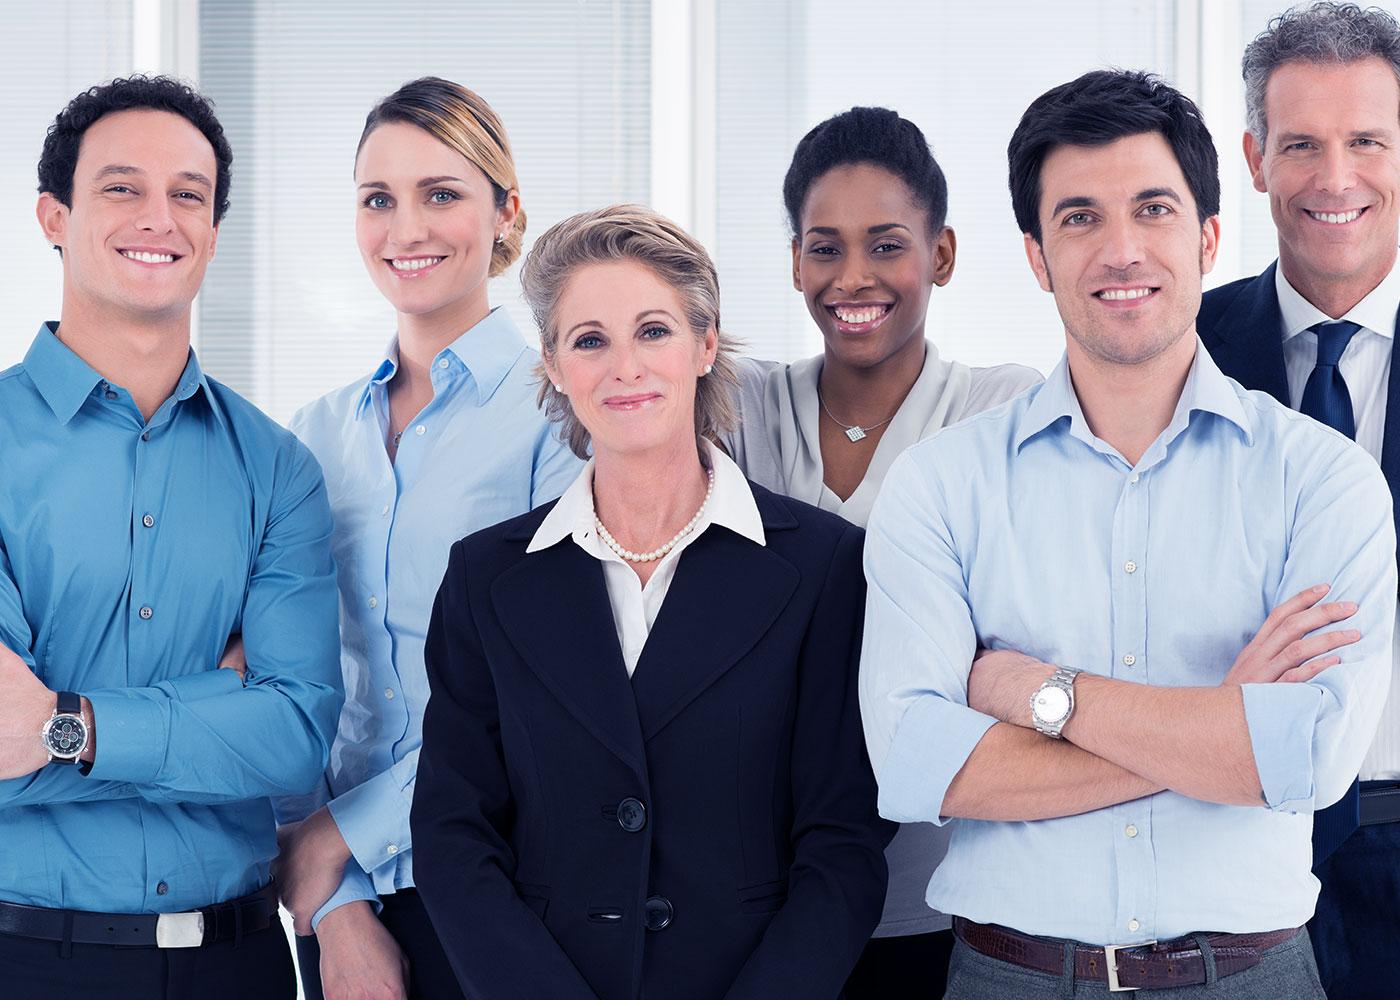 Applied Leadership Institute